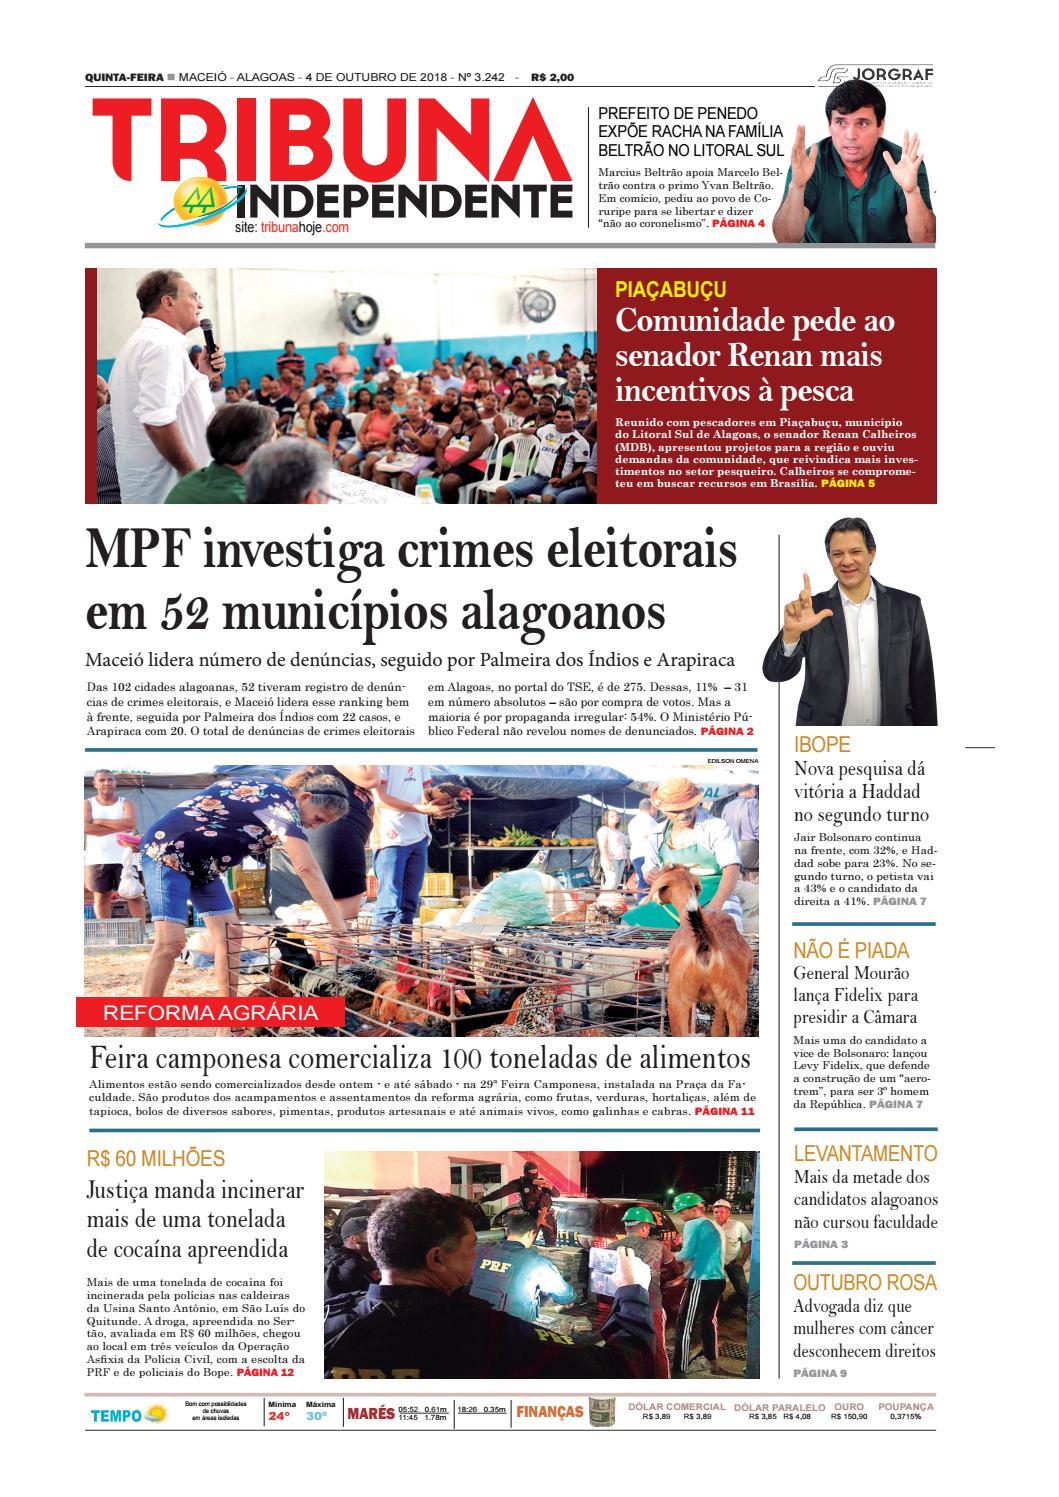 bc2ce8cc294b0 Edição número 3242 - 4 de outubro de 2018 by Tribuna Hoje - issuu